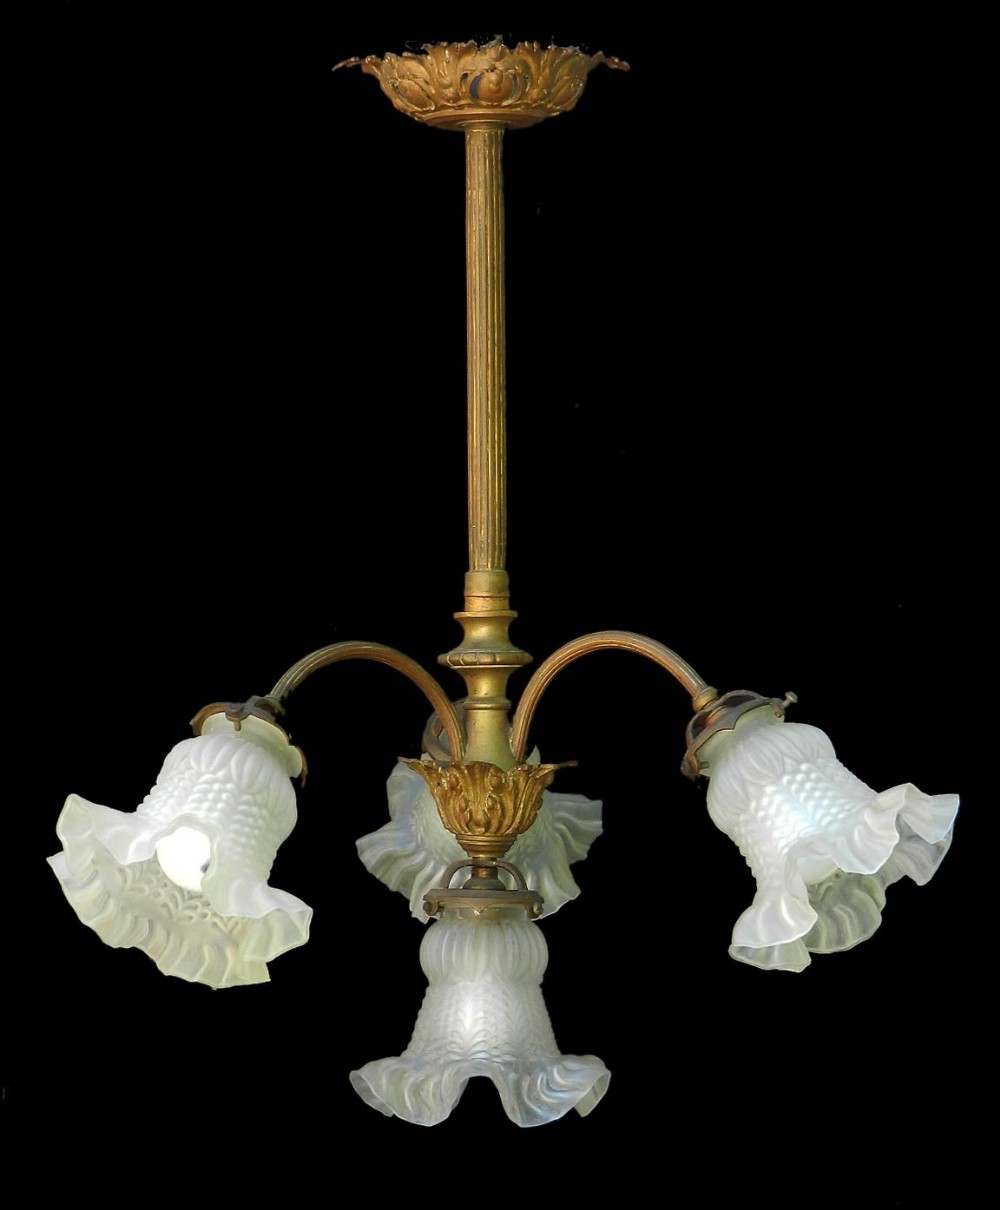 french chandelier gilt bronze glass belle epoque circa 1900